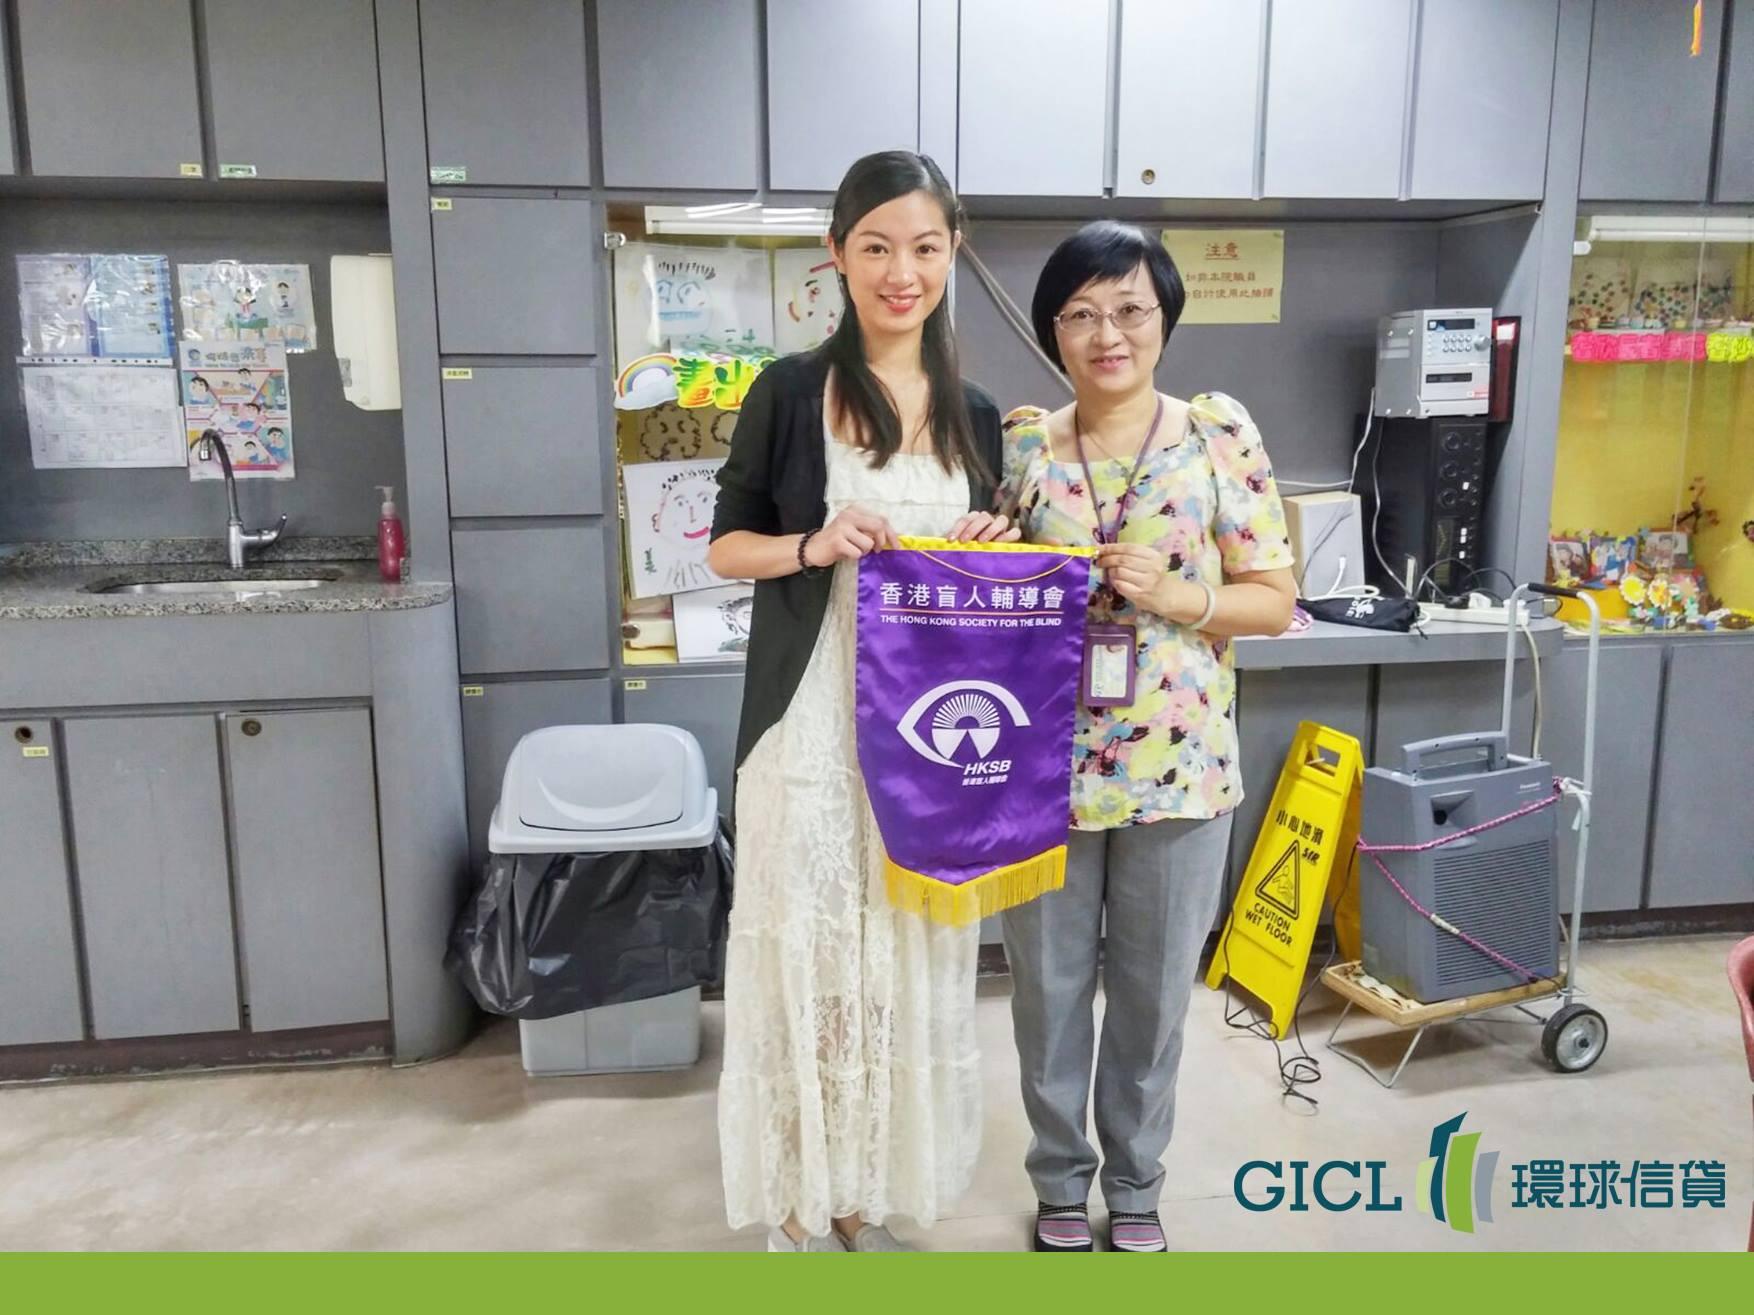 香港盲人輔導會 – 安老院中秋探訪活動